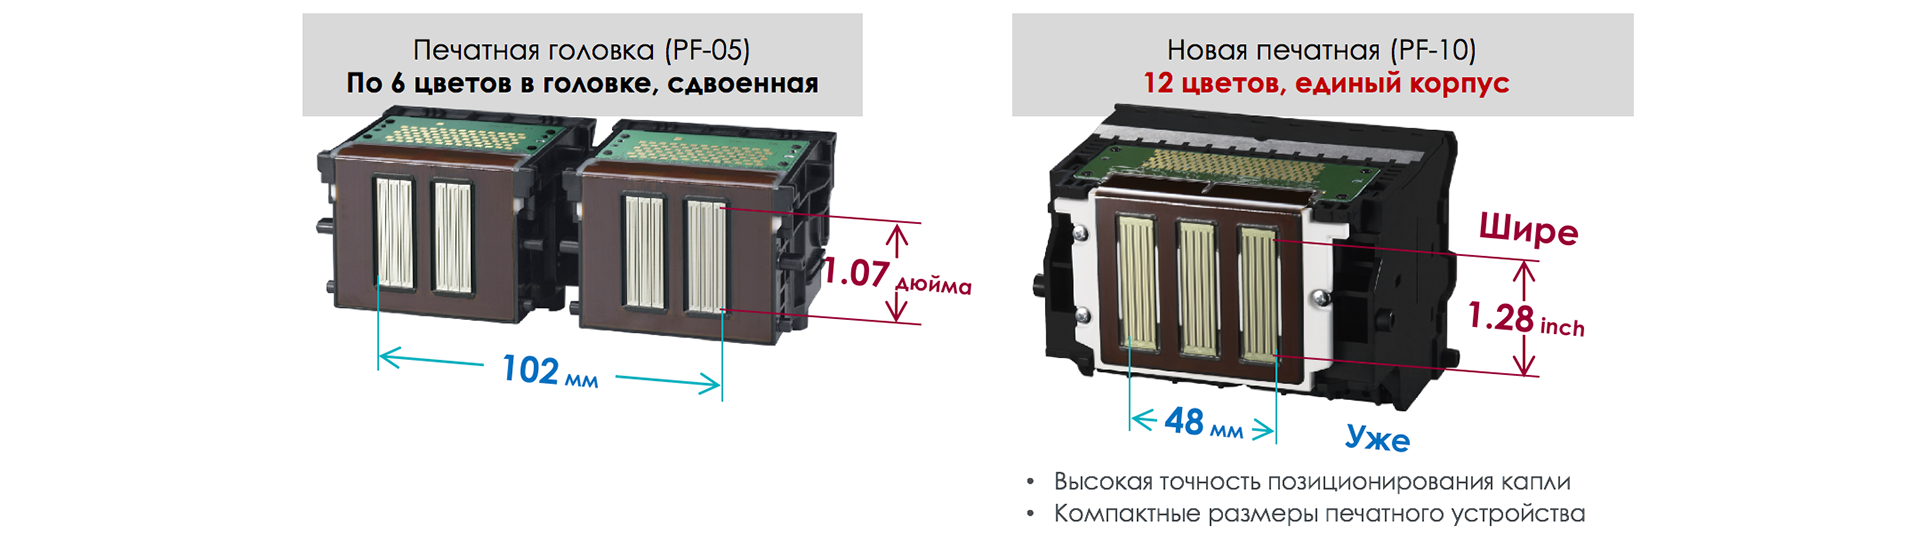 Принтеры с широкой душой. Краткий гид по устройствам для широкоформатной печати Canon - 3